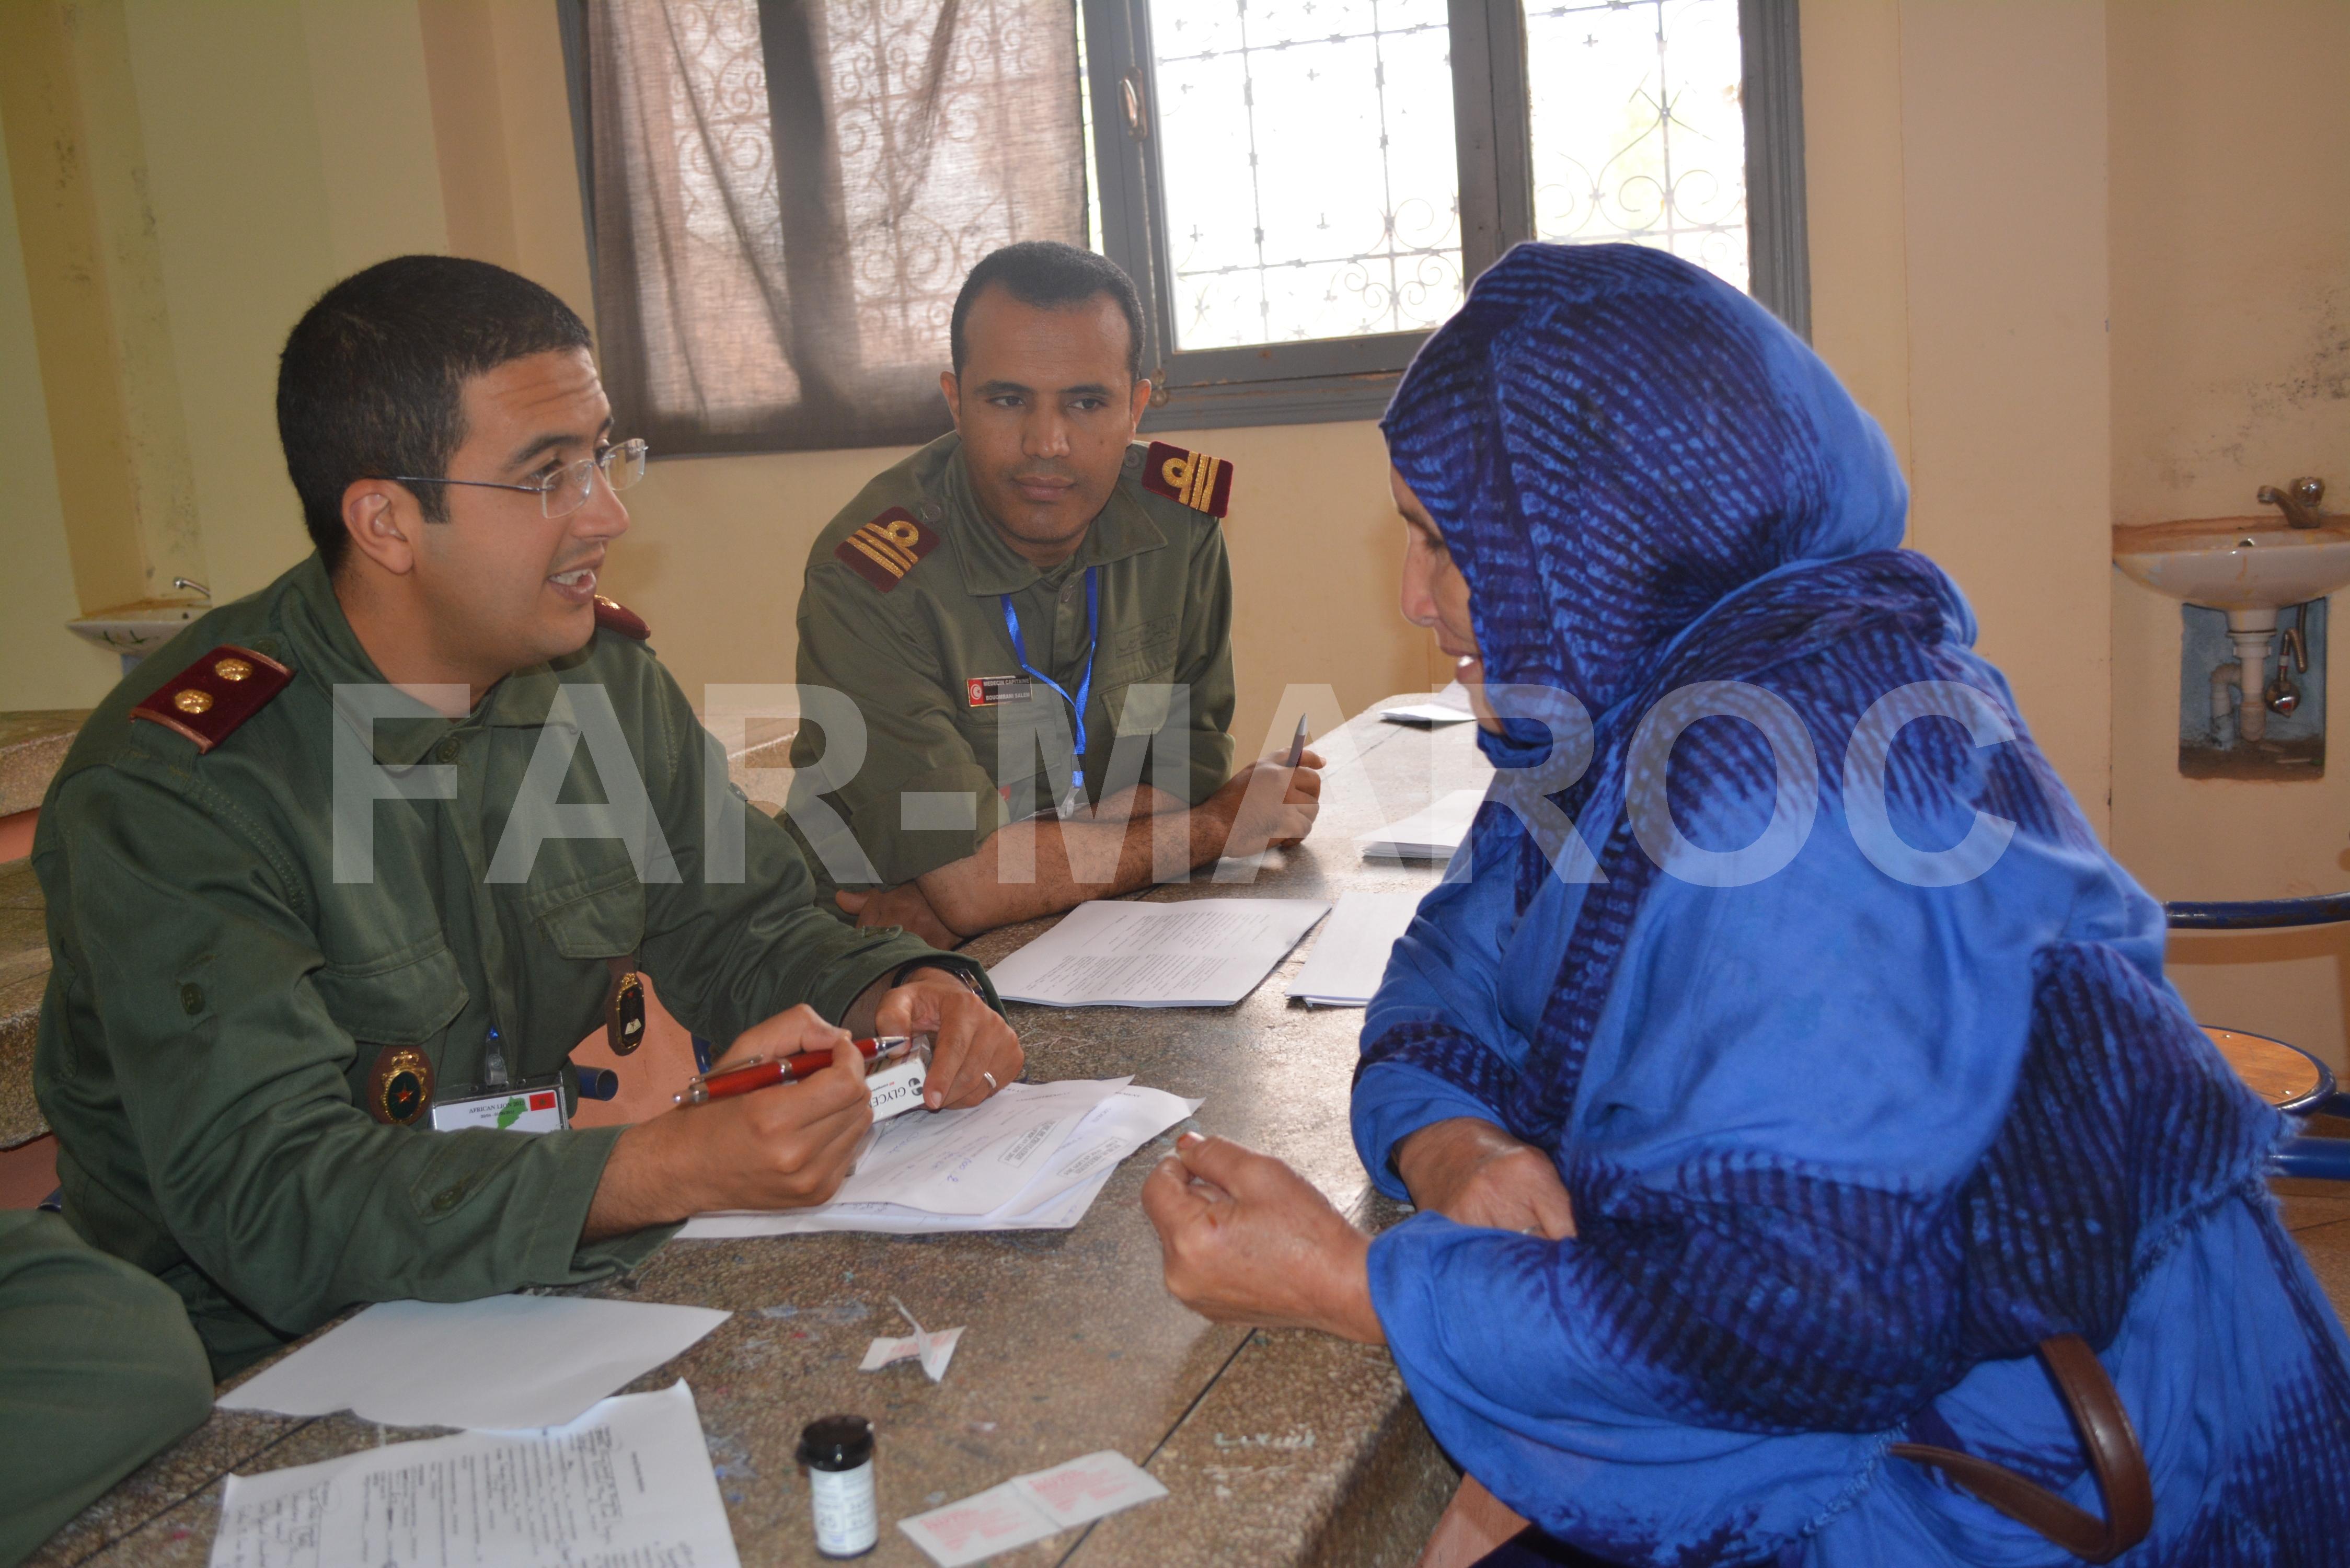 Les Opérations Humanitaires menées par nos Glorieuses Forces Armées Royales 47578091372_84df5c2771_o